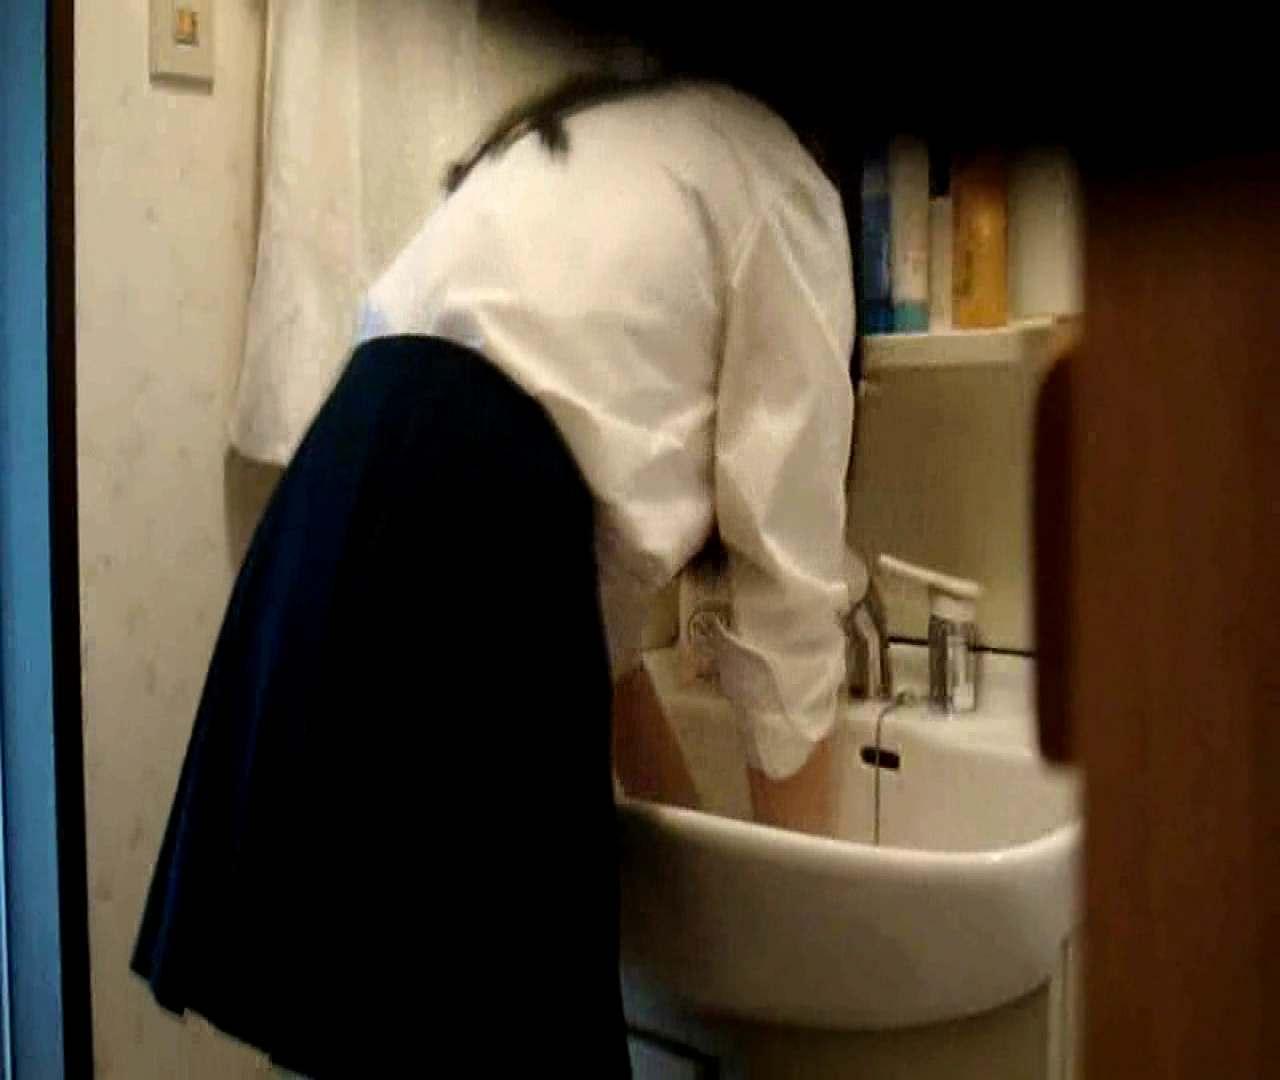 二人とも育てた甲斐がありました… vol.05 まどかが洗顔後にブラを洗濯 盗撮シリーズ | おまんこ見放題  79PIX 7